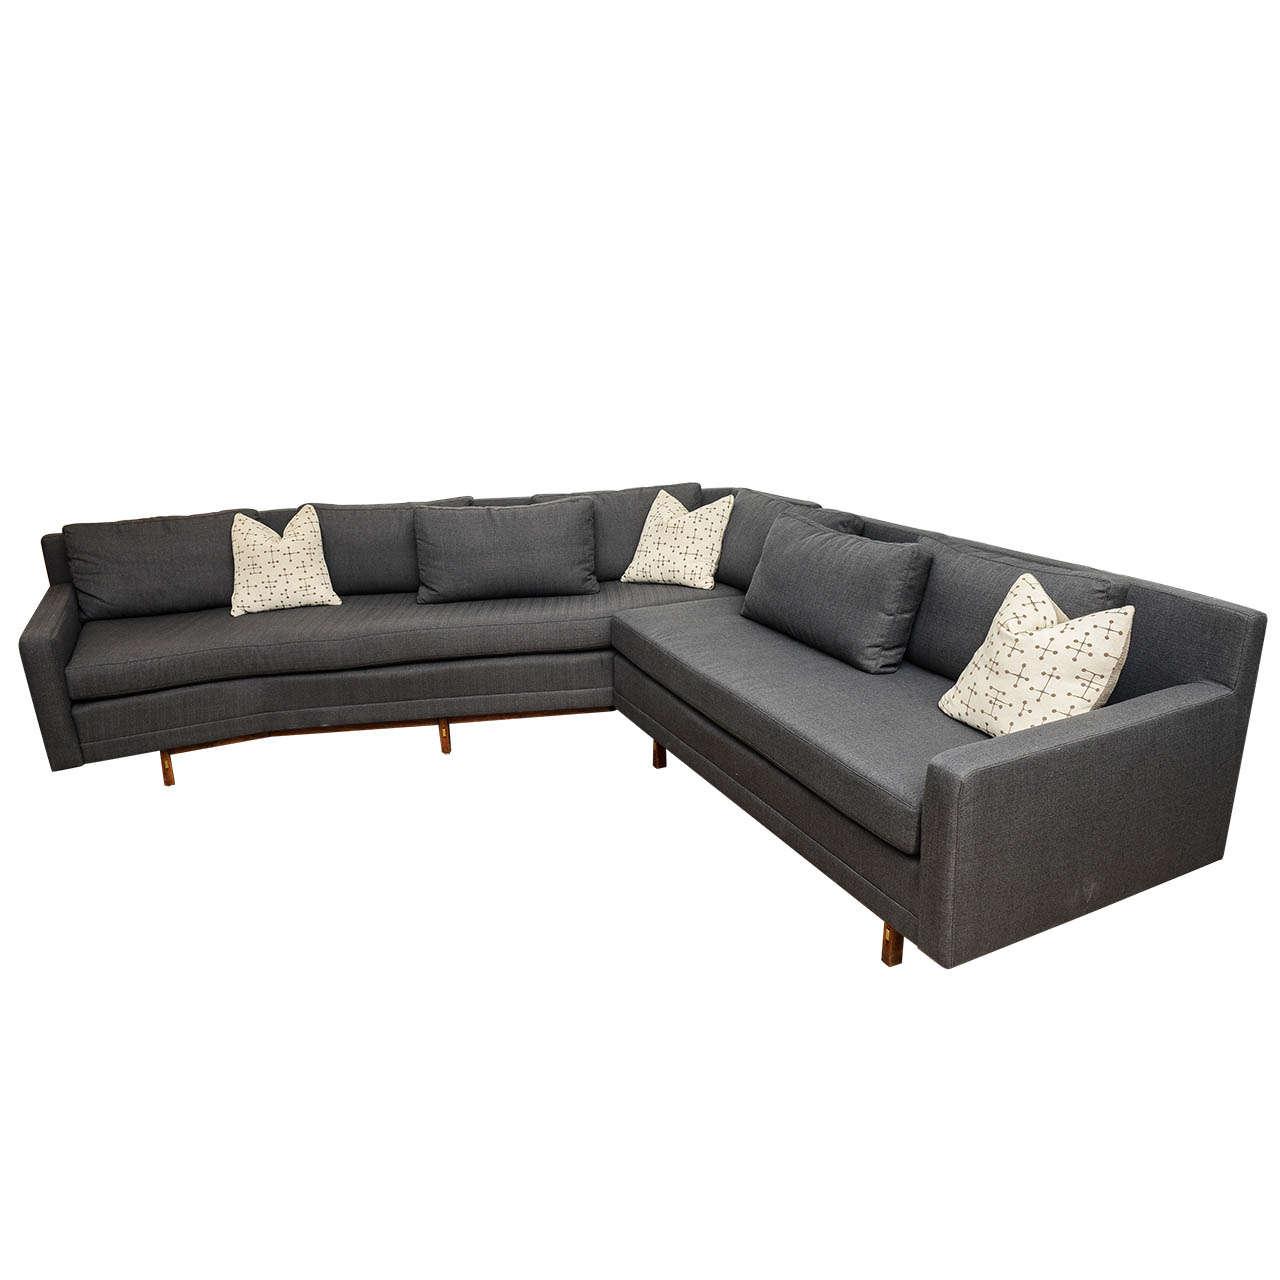 Vintage Mid Century Modern Sofa: Paul McCobb Sleek Mid-Century Modern Vintage Sectional